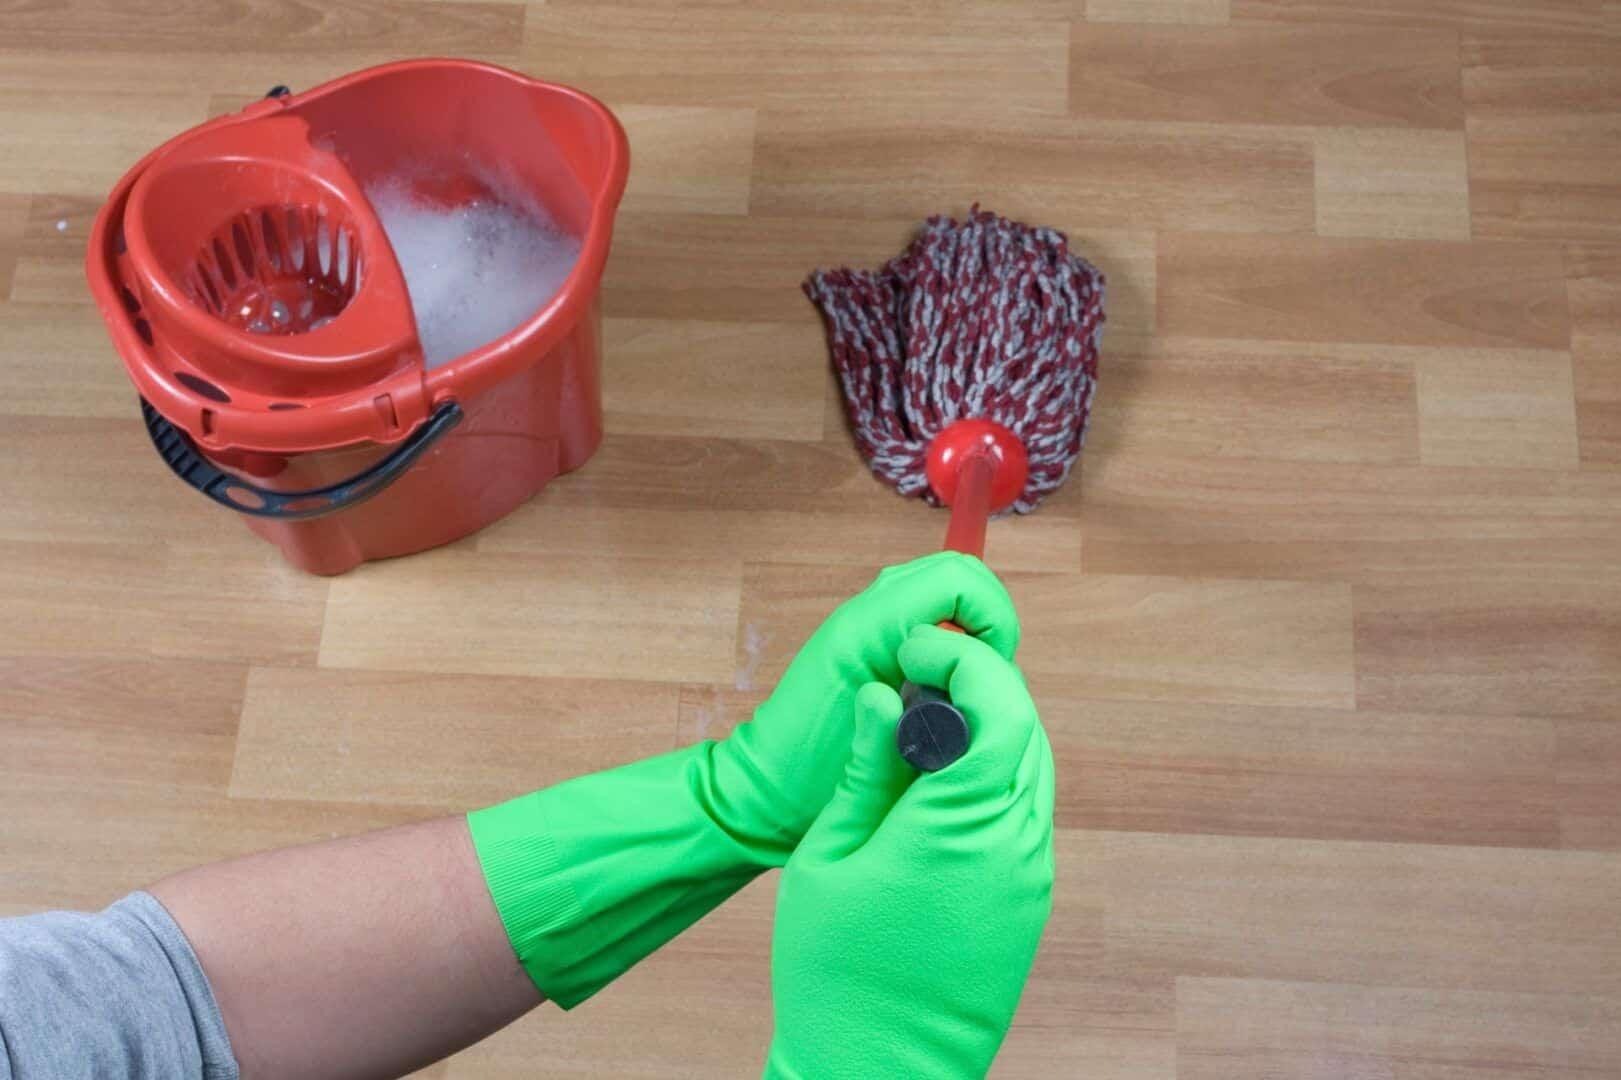 como limpar piso laminado do jeito certo veja dicas 4 - ¿Cómo limpiar correctamente los suelos laminados?  Cuidados y consejos